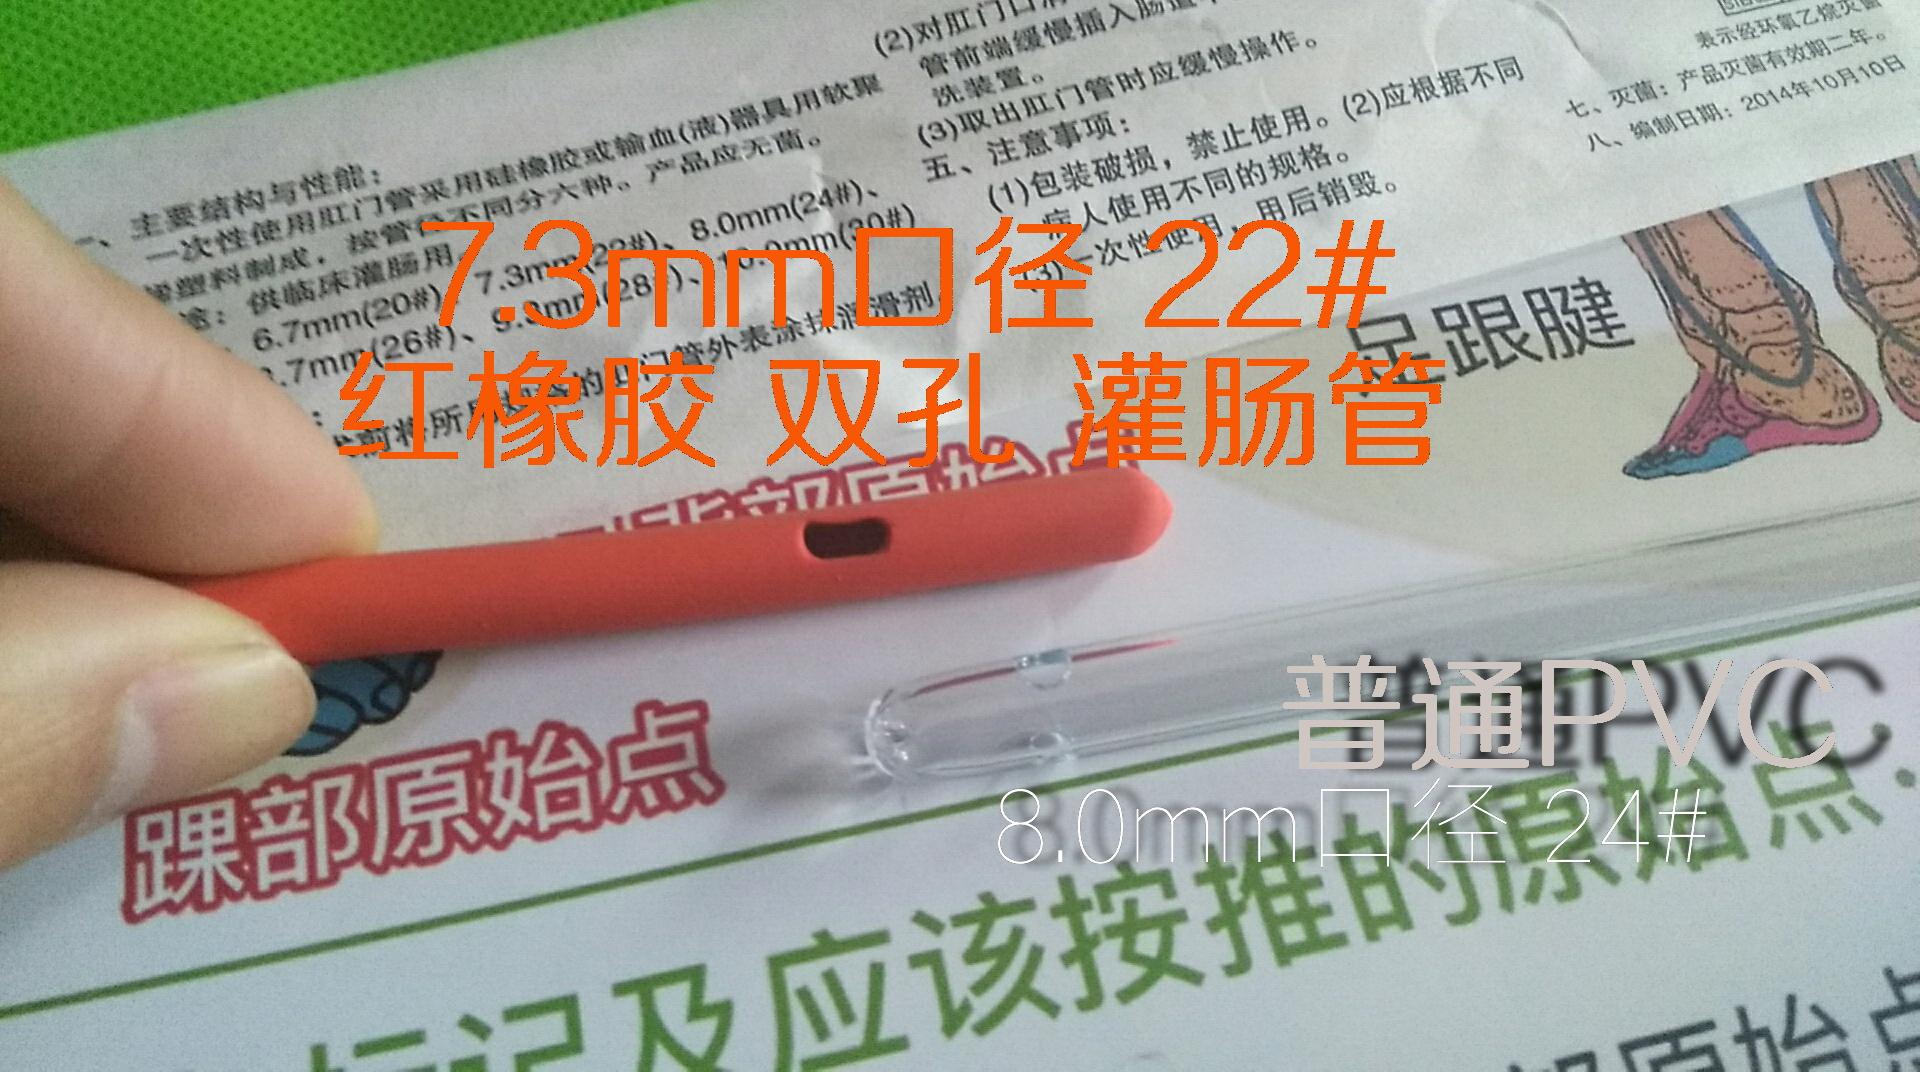 原始点姜汤灌肠管红橡胶管 (单管,需另购注射筒)姜粉泥灌肠灌肠管流食管胃食管大口 商品图2